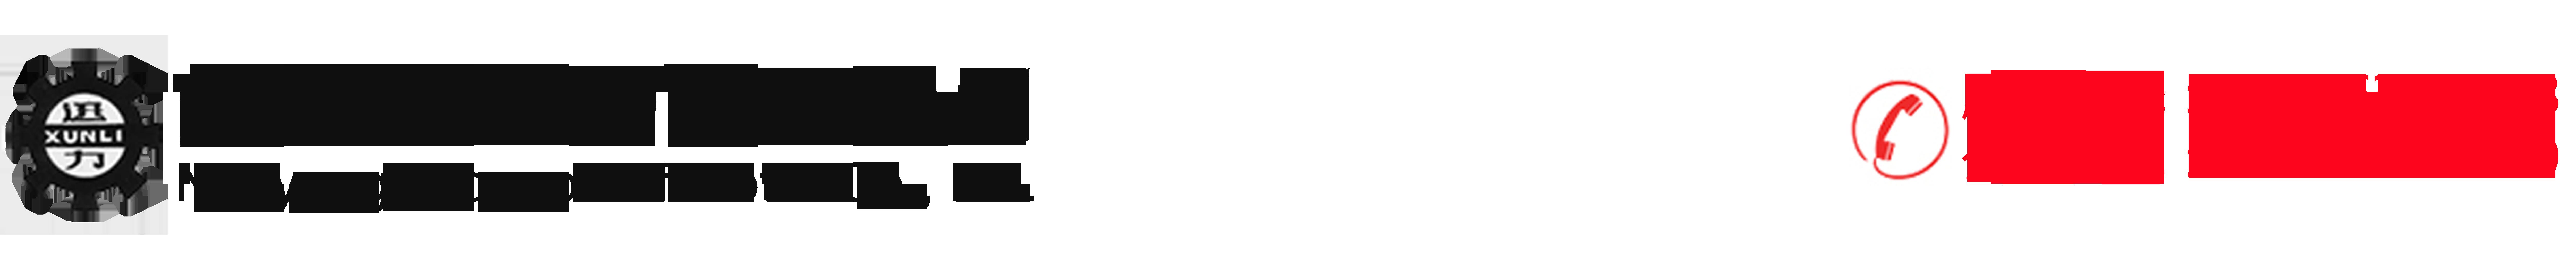 南陽微防電機有限公司